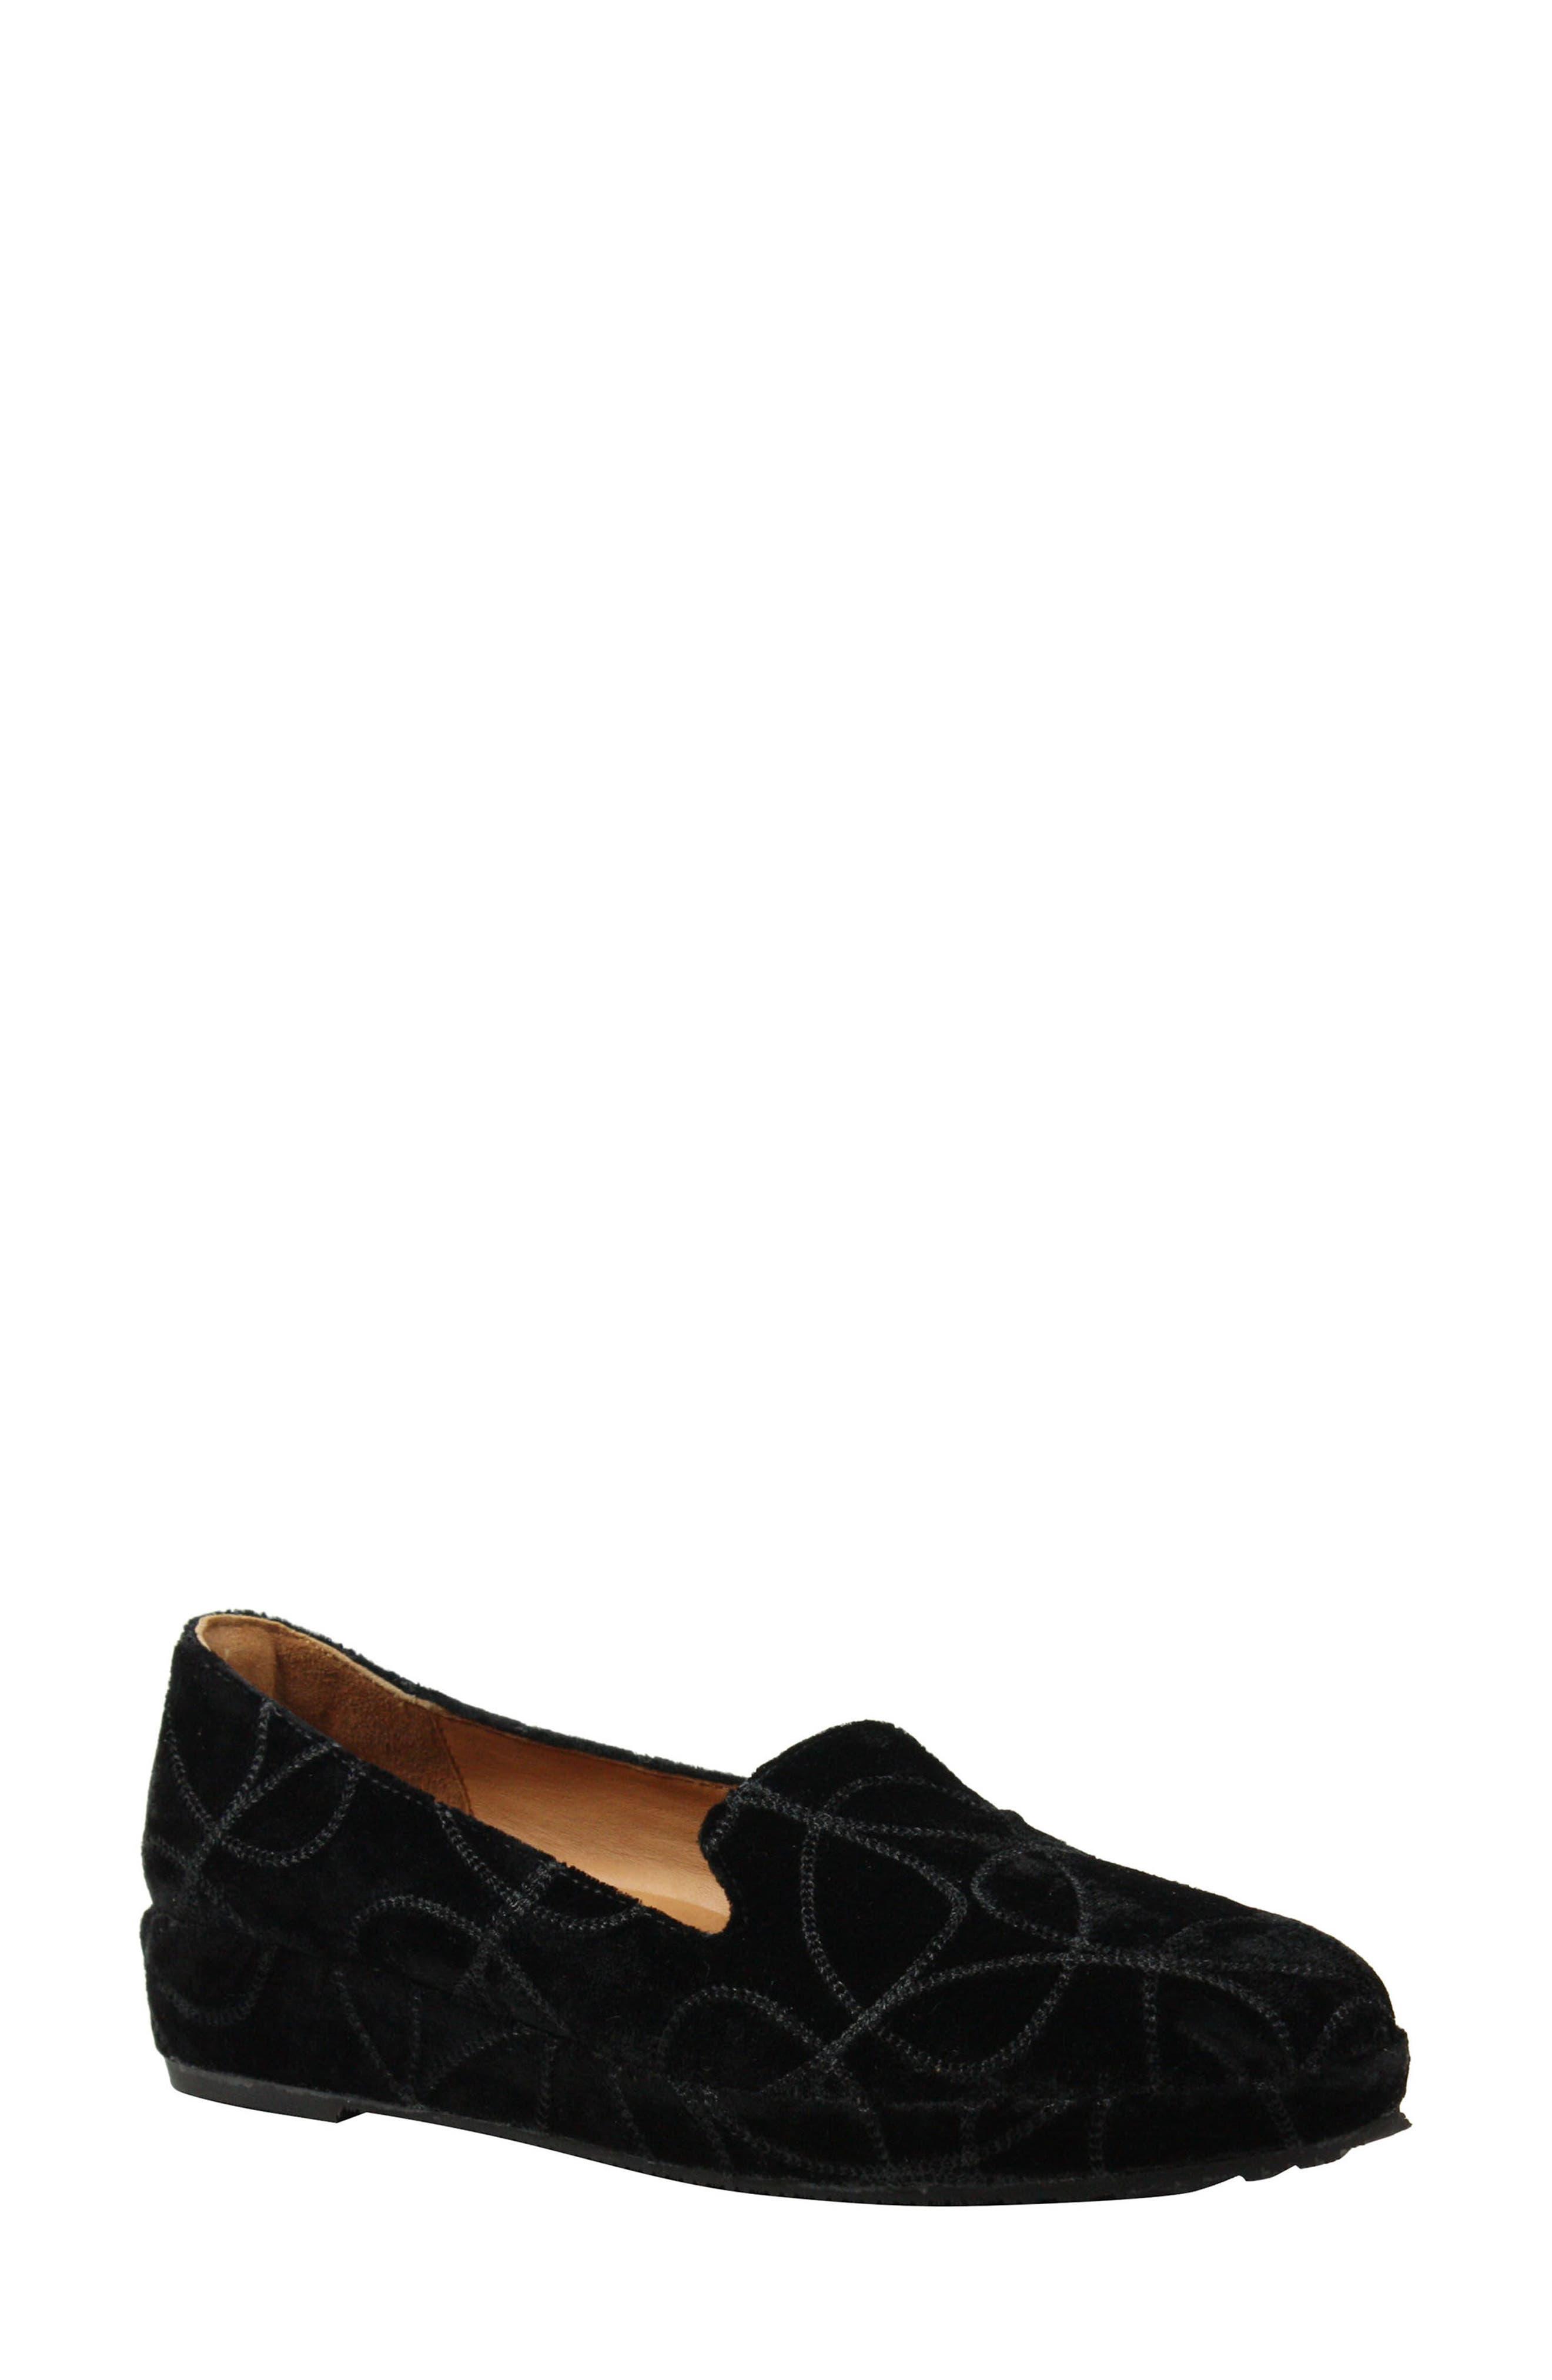 Carsoli Wedge Loafer,                         Main,                         color, BLACK VELVET